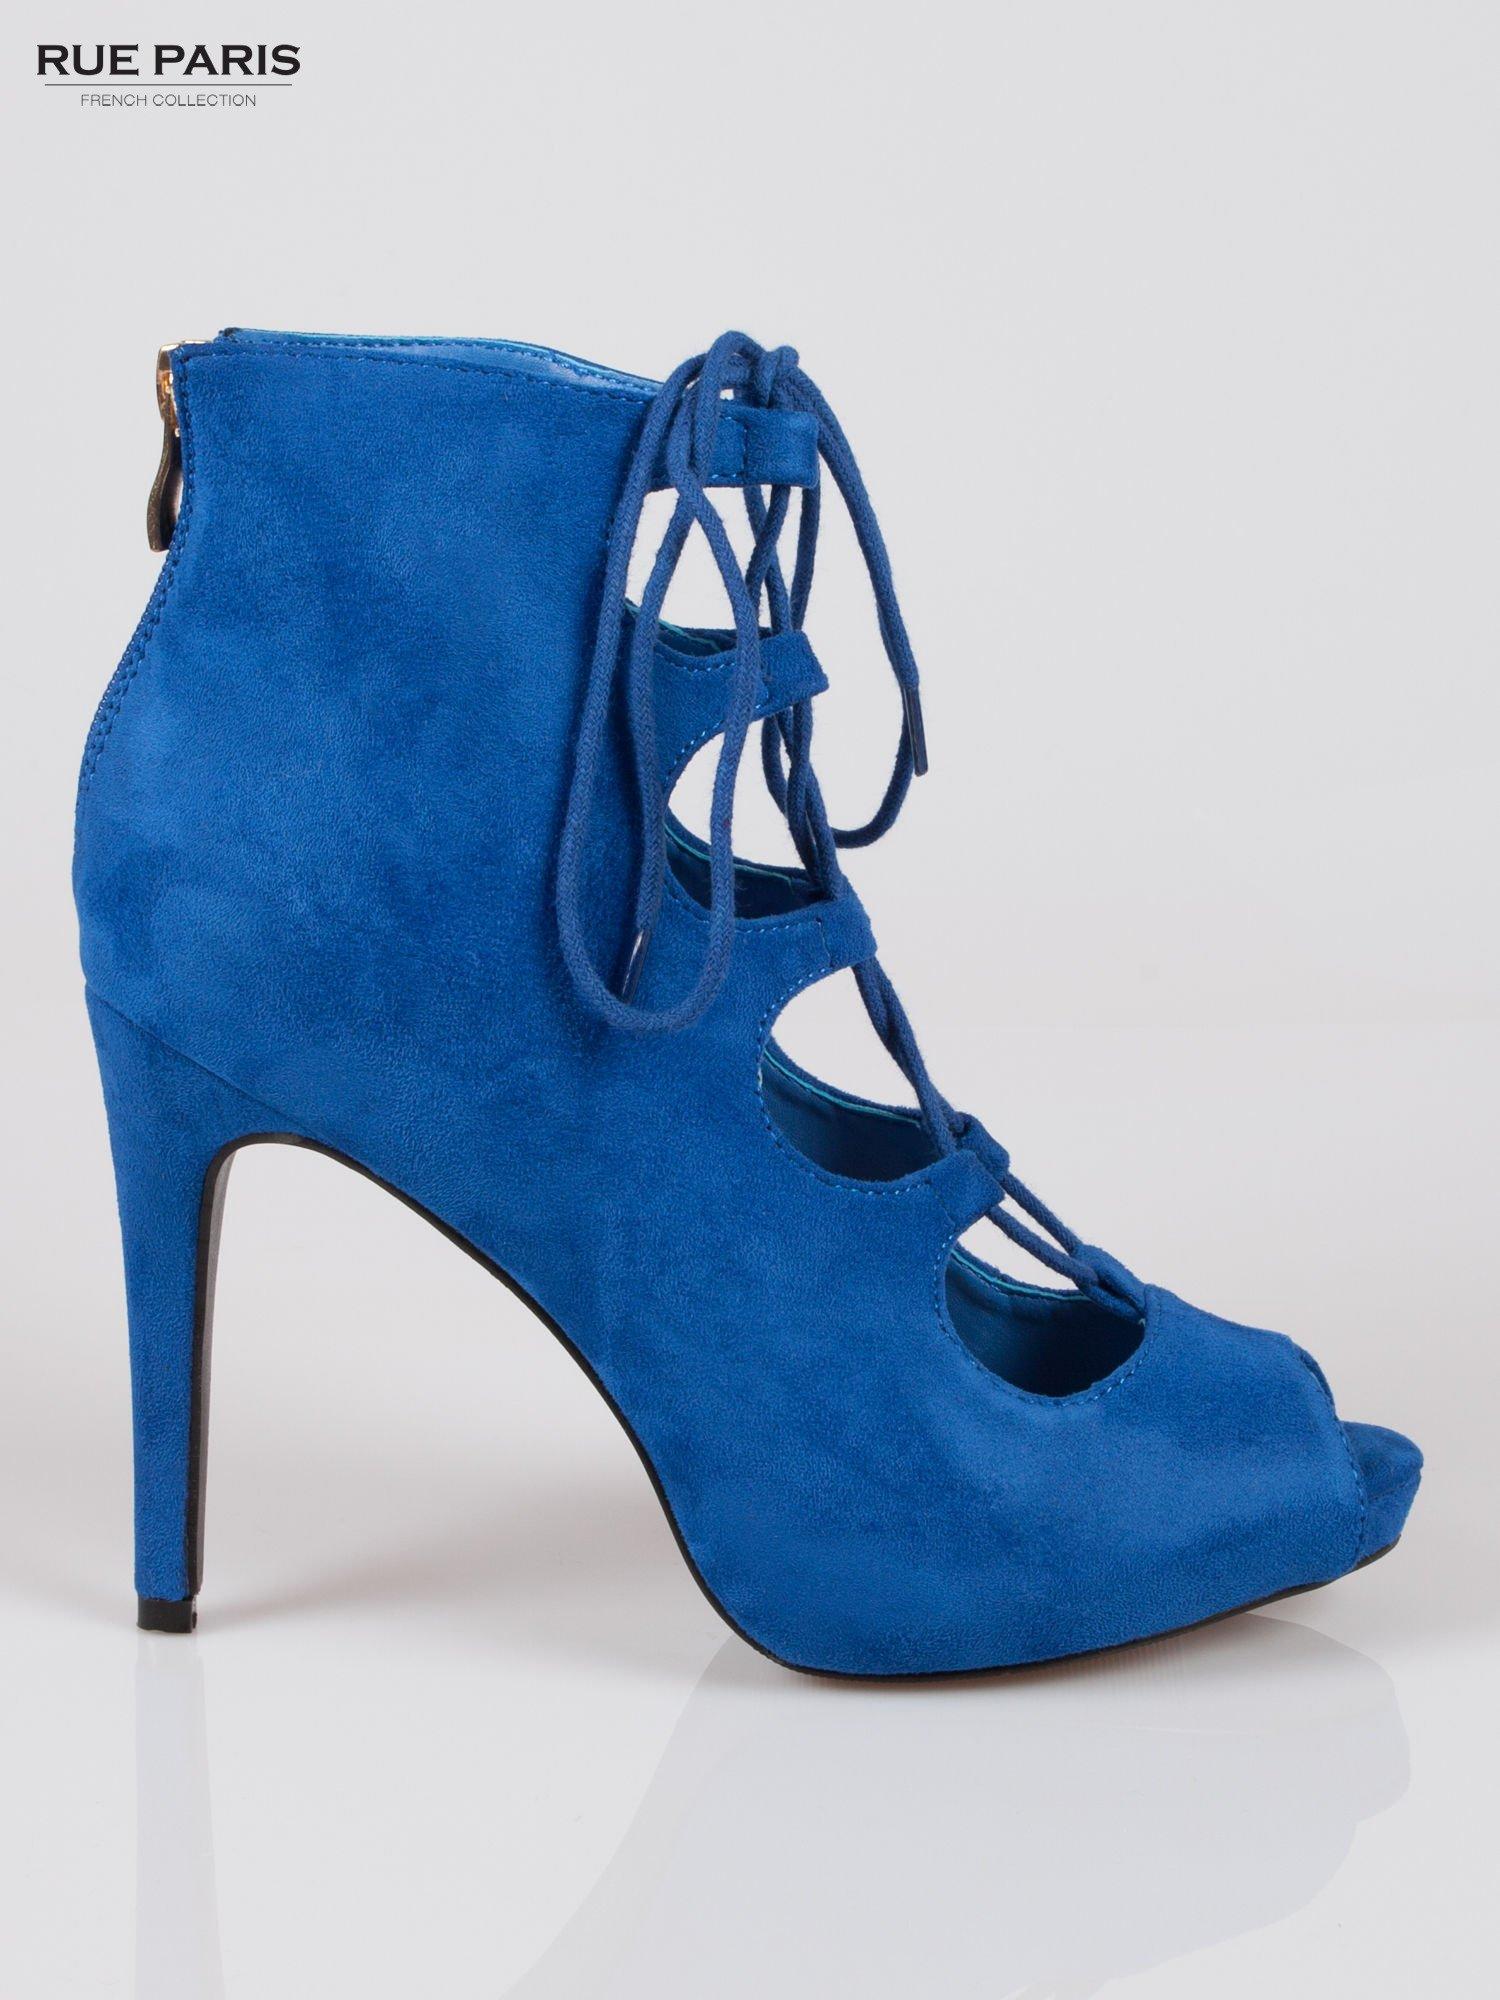 Kobaltowe sznurowane botki faux suede Kendall lace up open toe z zamkiem                                  zdj.                                  1